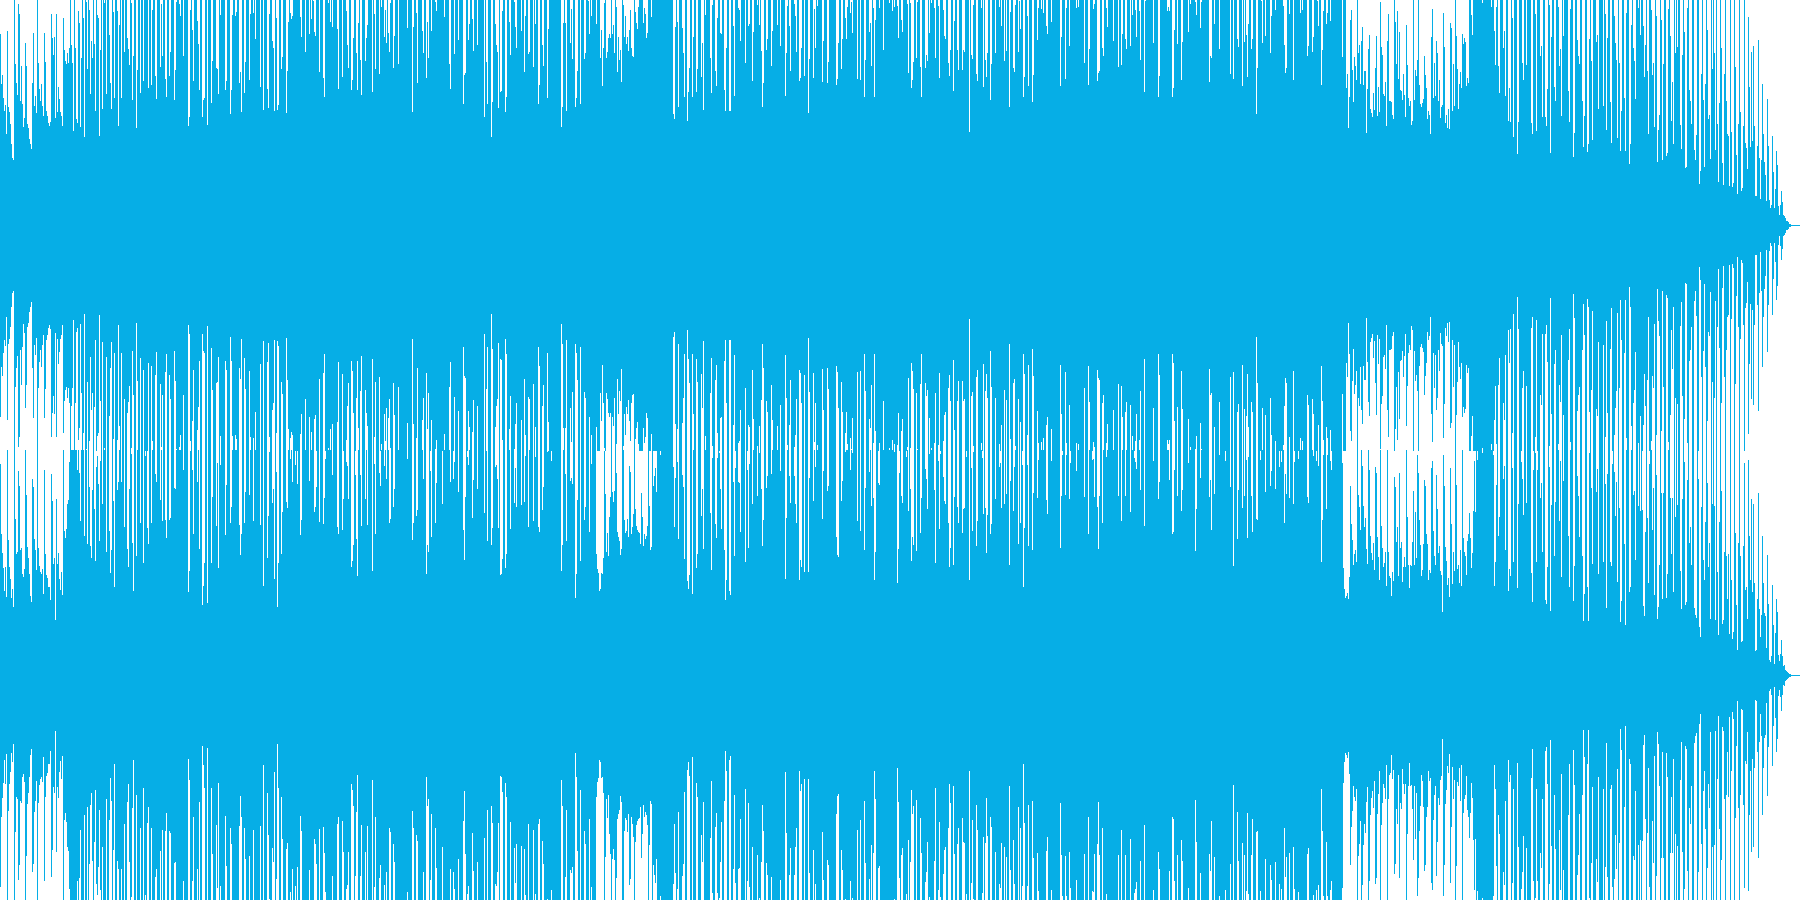 アニメの主題歌のようなカッコイイBGMの再生済みの波形